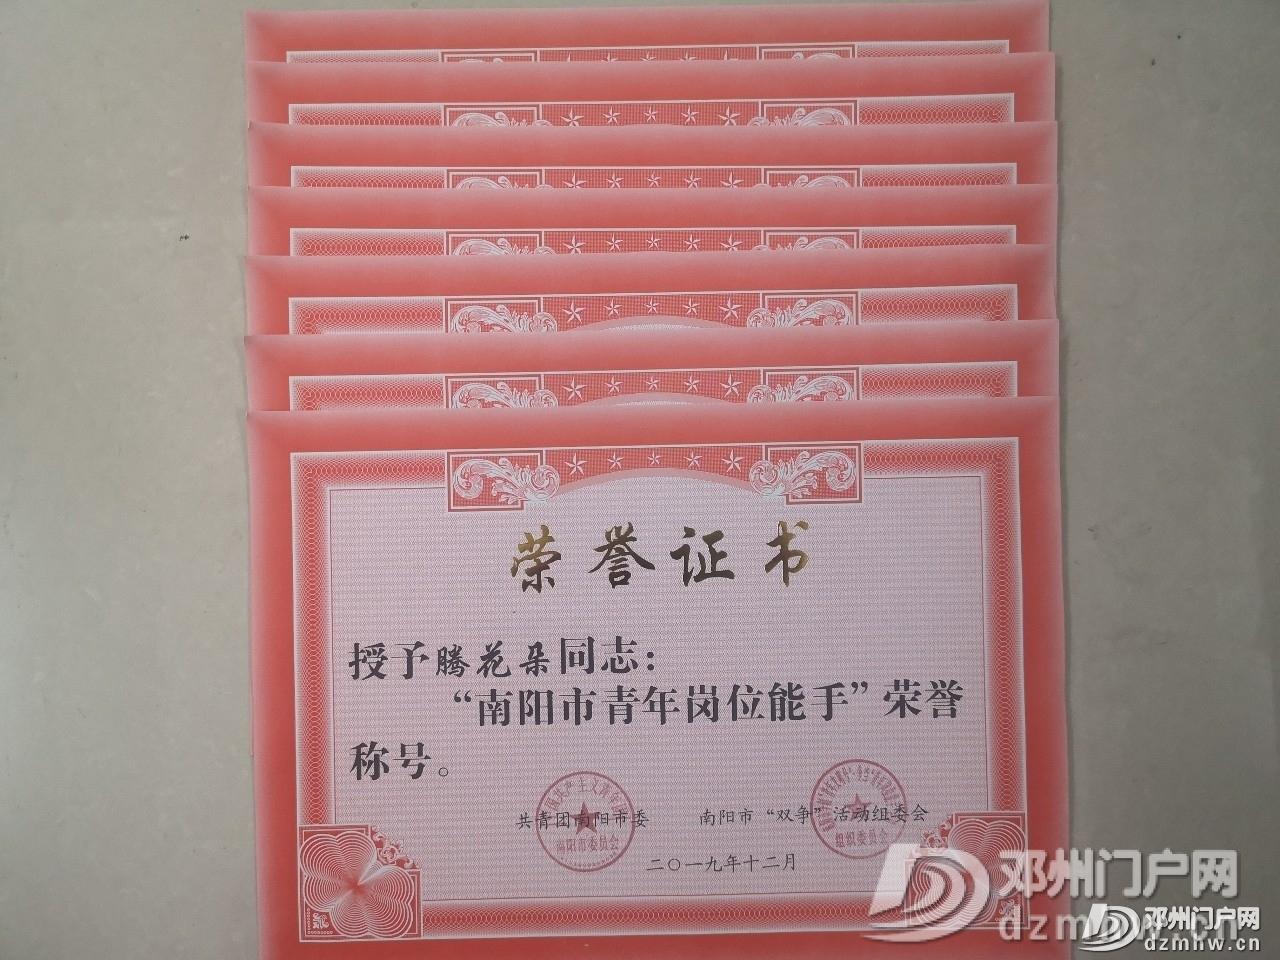 邓州这5家企业、8个人获得这个荣誉称号!赞! - 邓州门户网|邓州网 - ddfe327eb5e051fc23c53cf8f1857bde.jpg